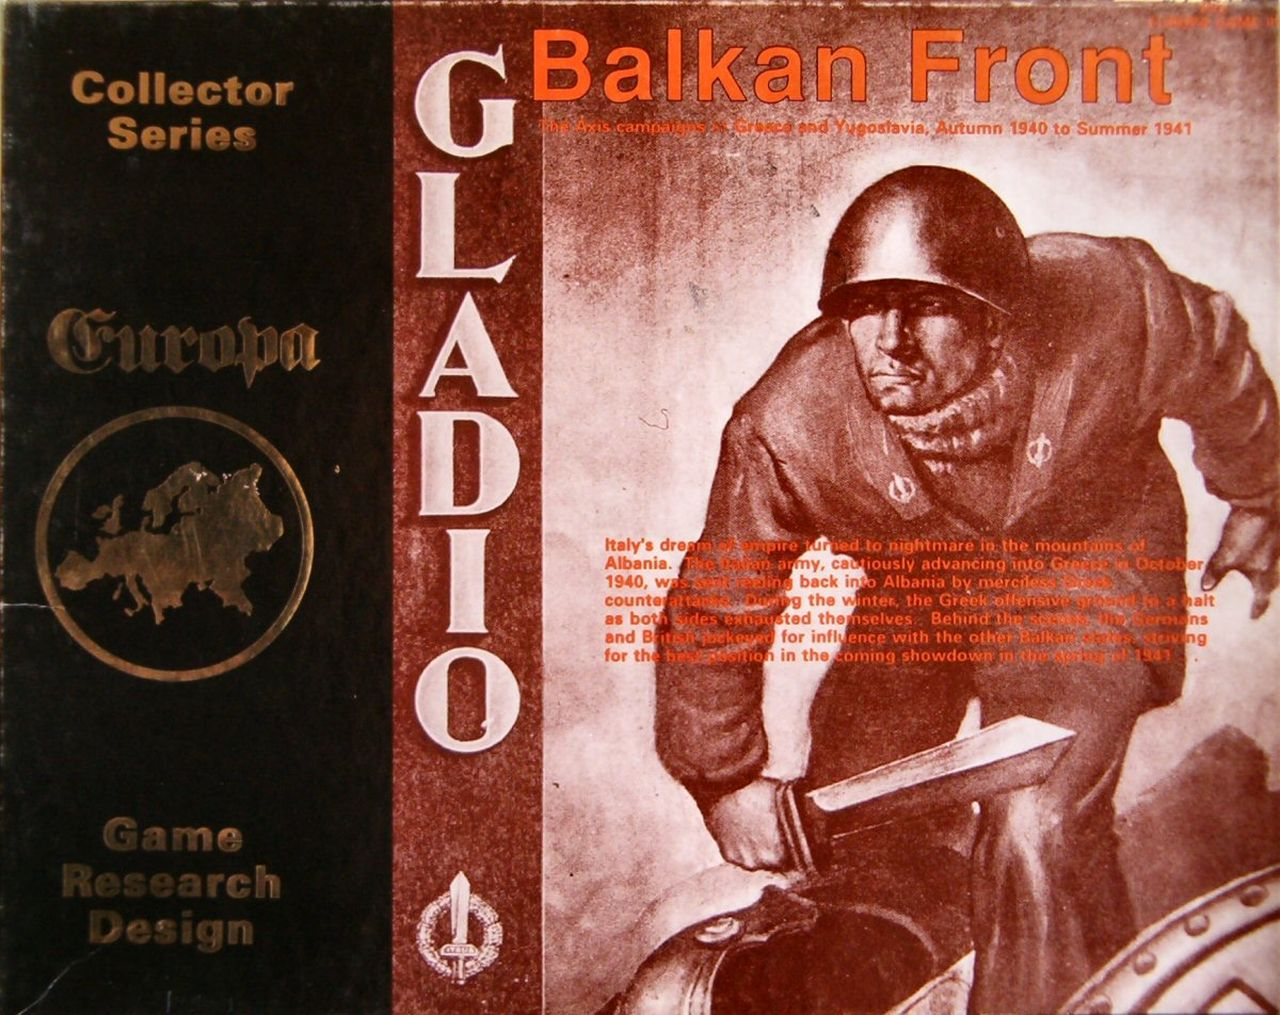 Balkan Front - Box Front